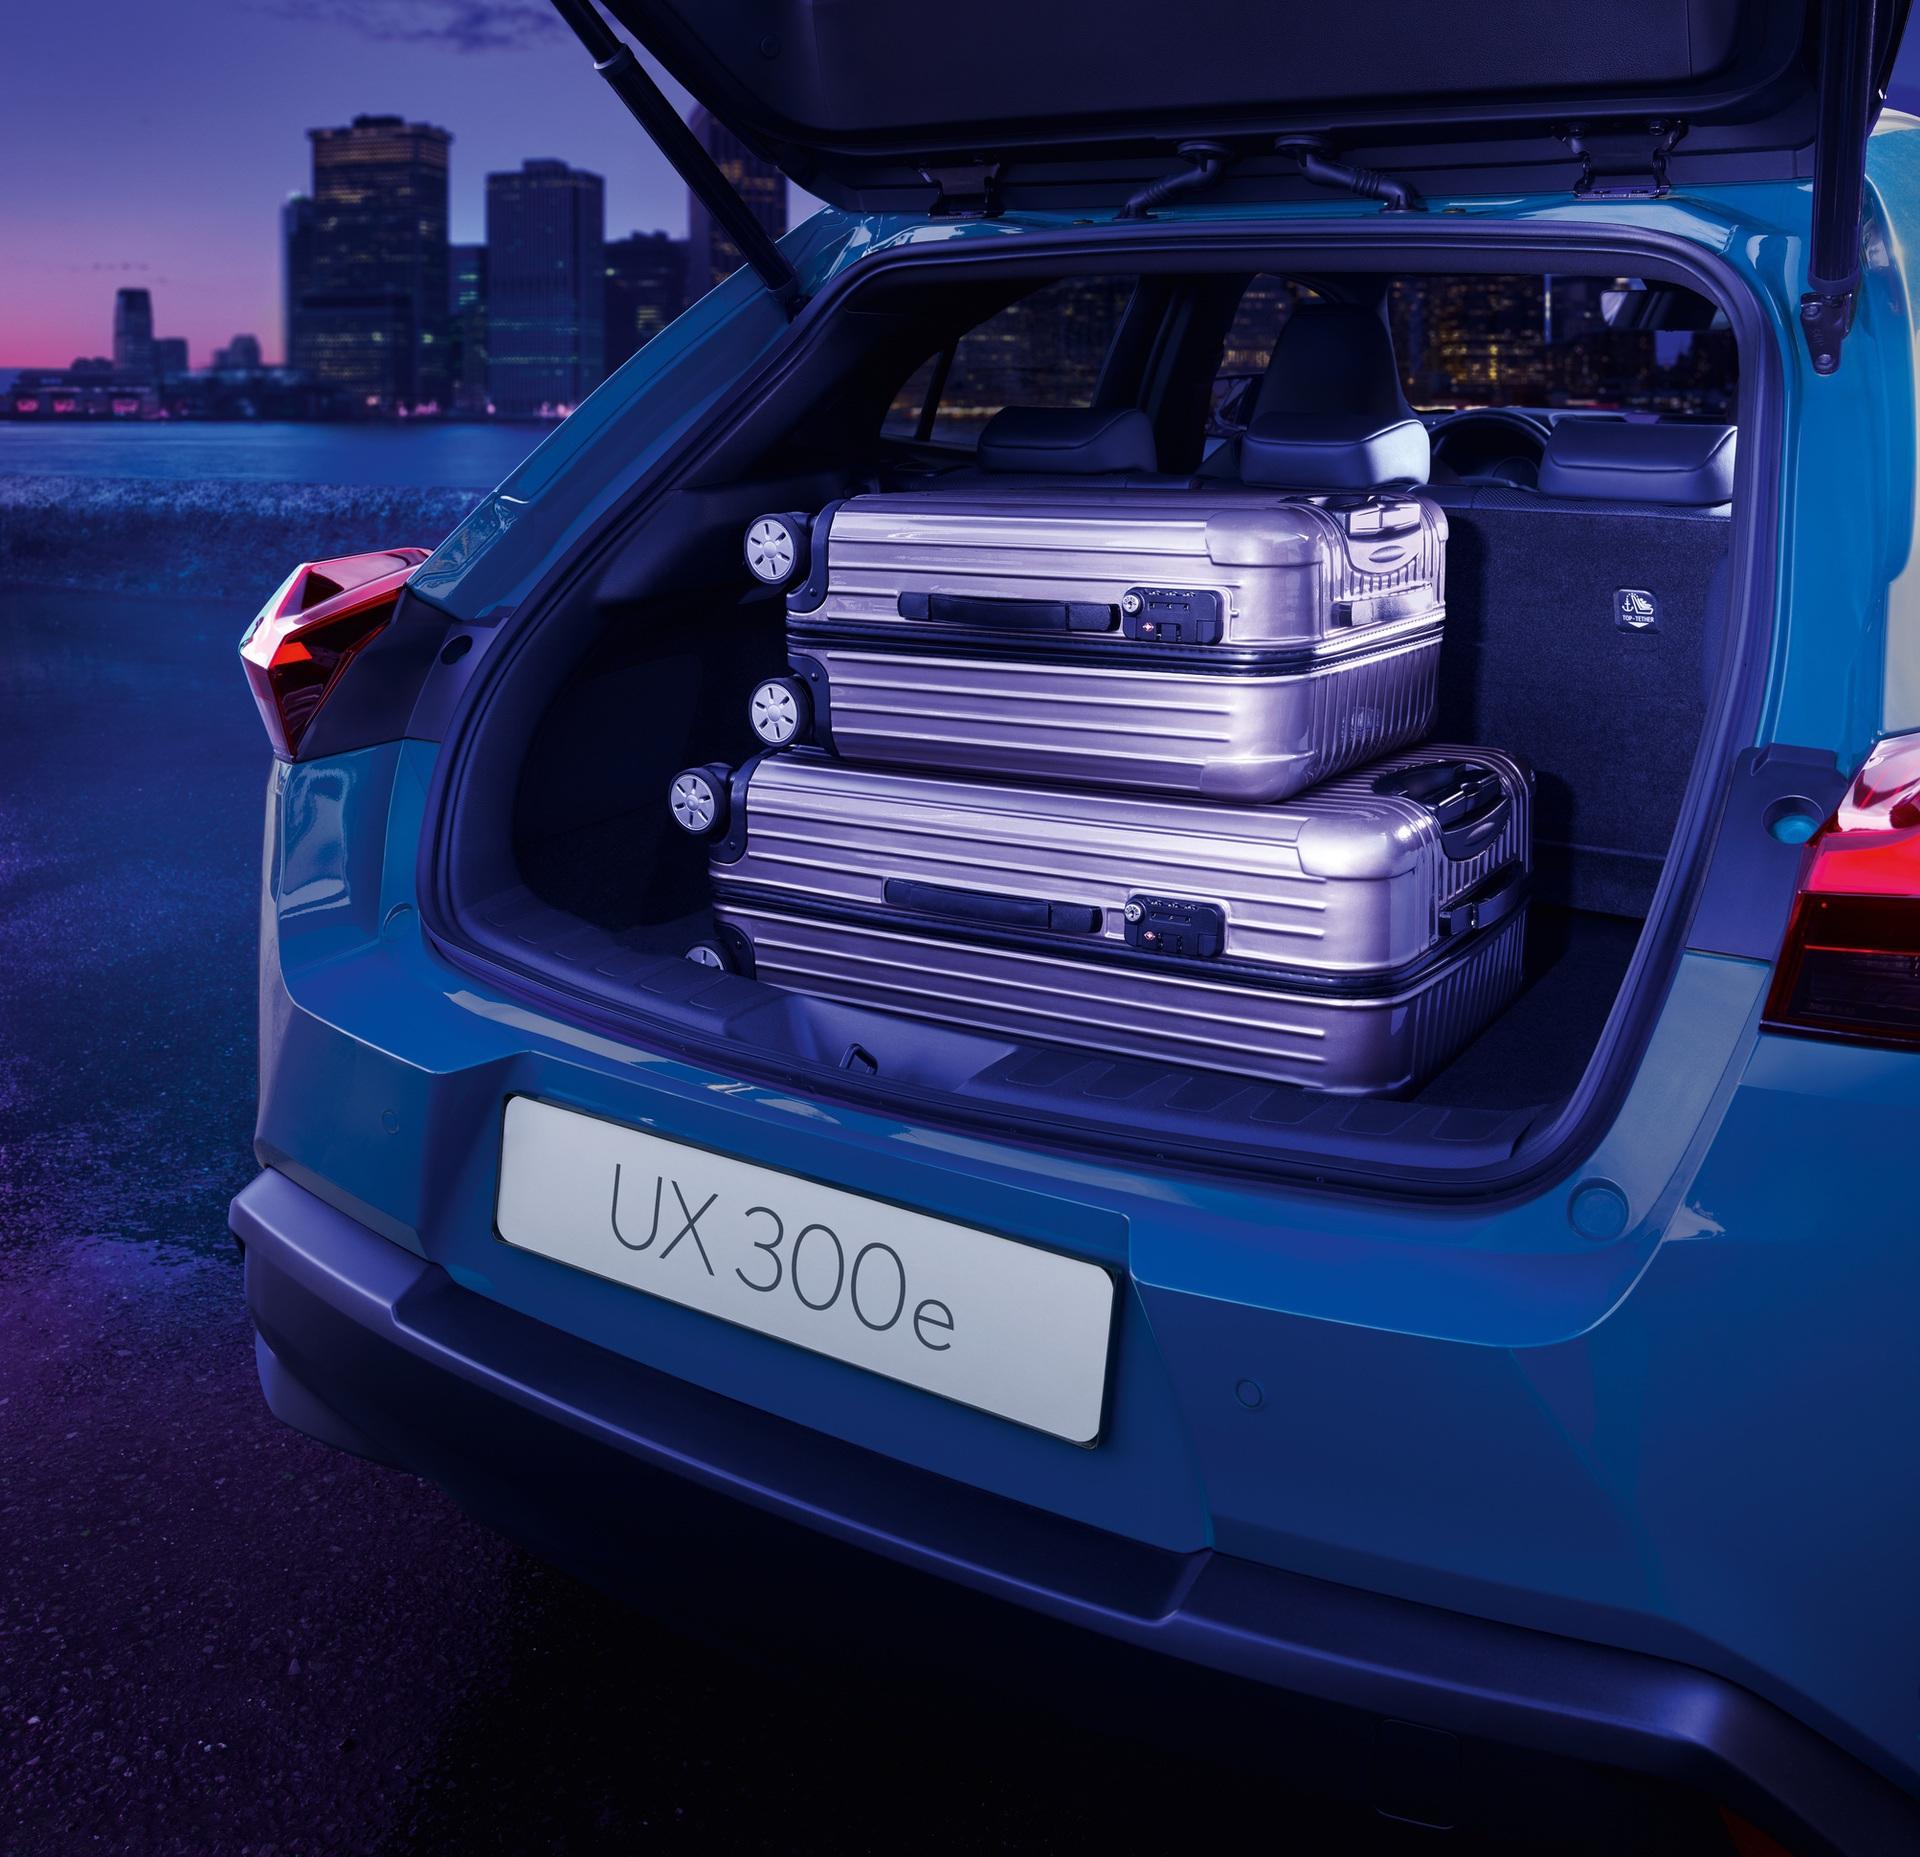 Lexus_UX_300e_0011